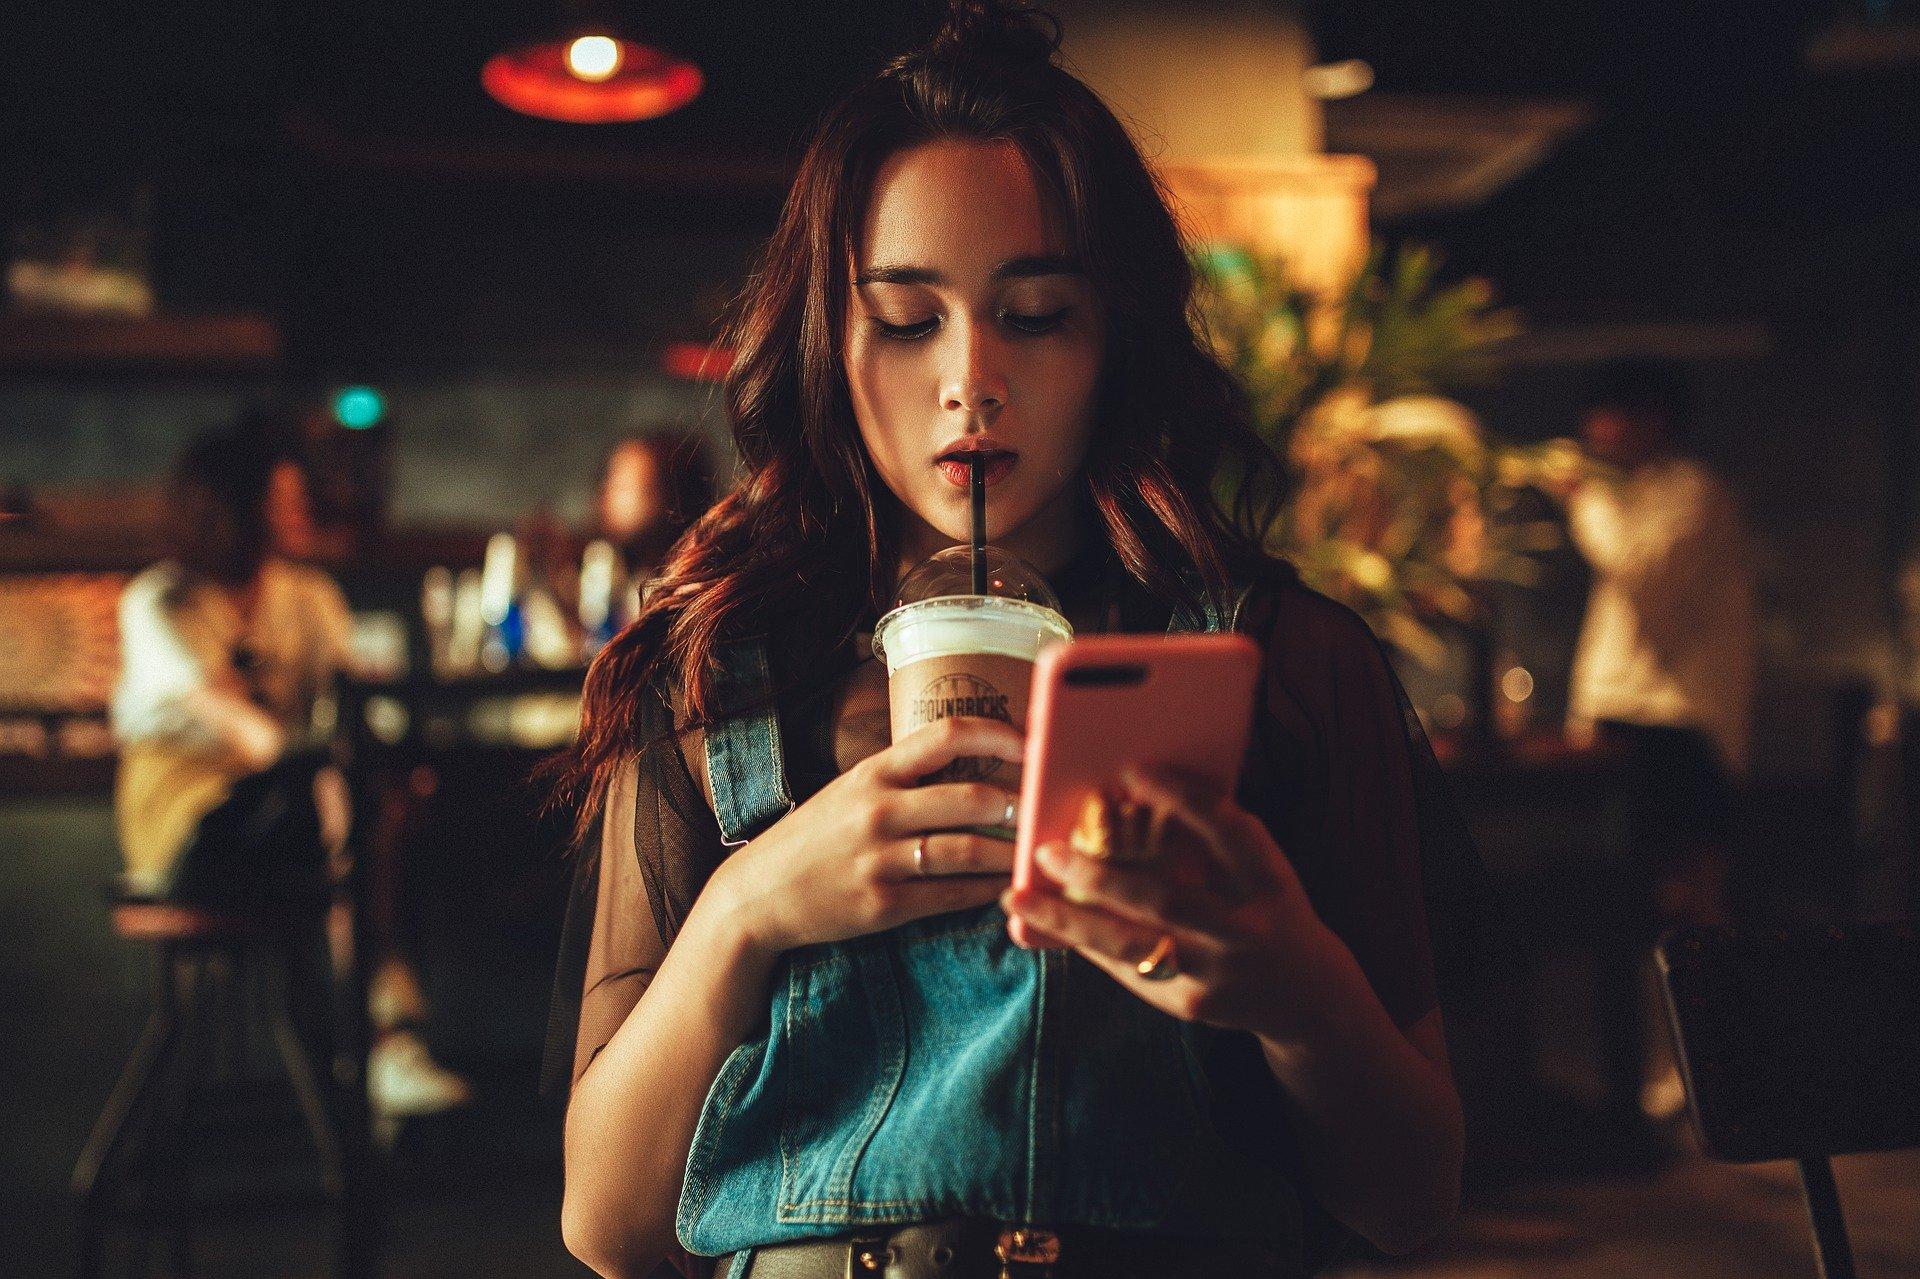 Cateva sfaturi pentru a-ti perfectiona abilitatile de sexting – Partea 1